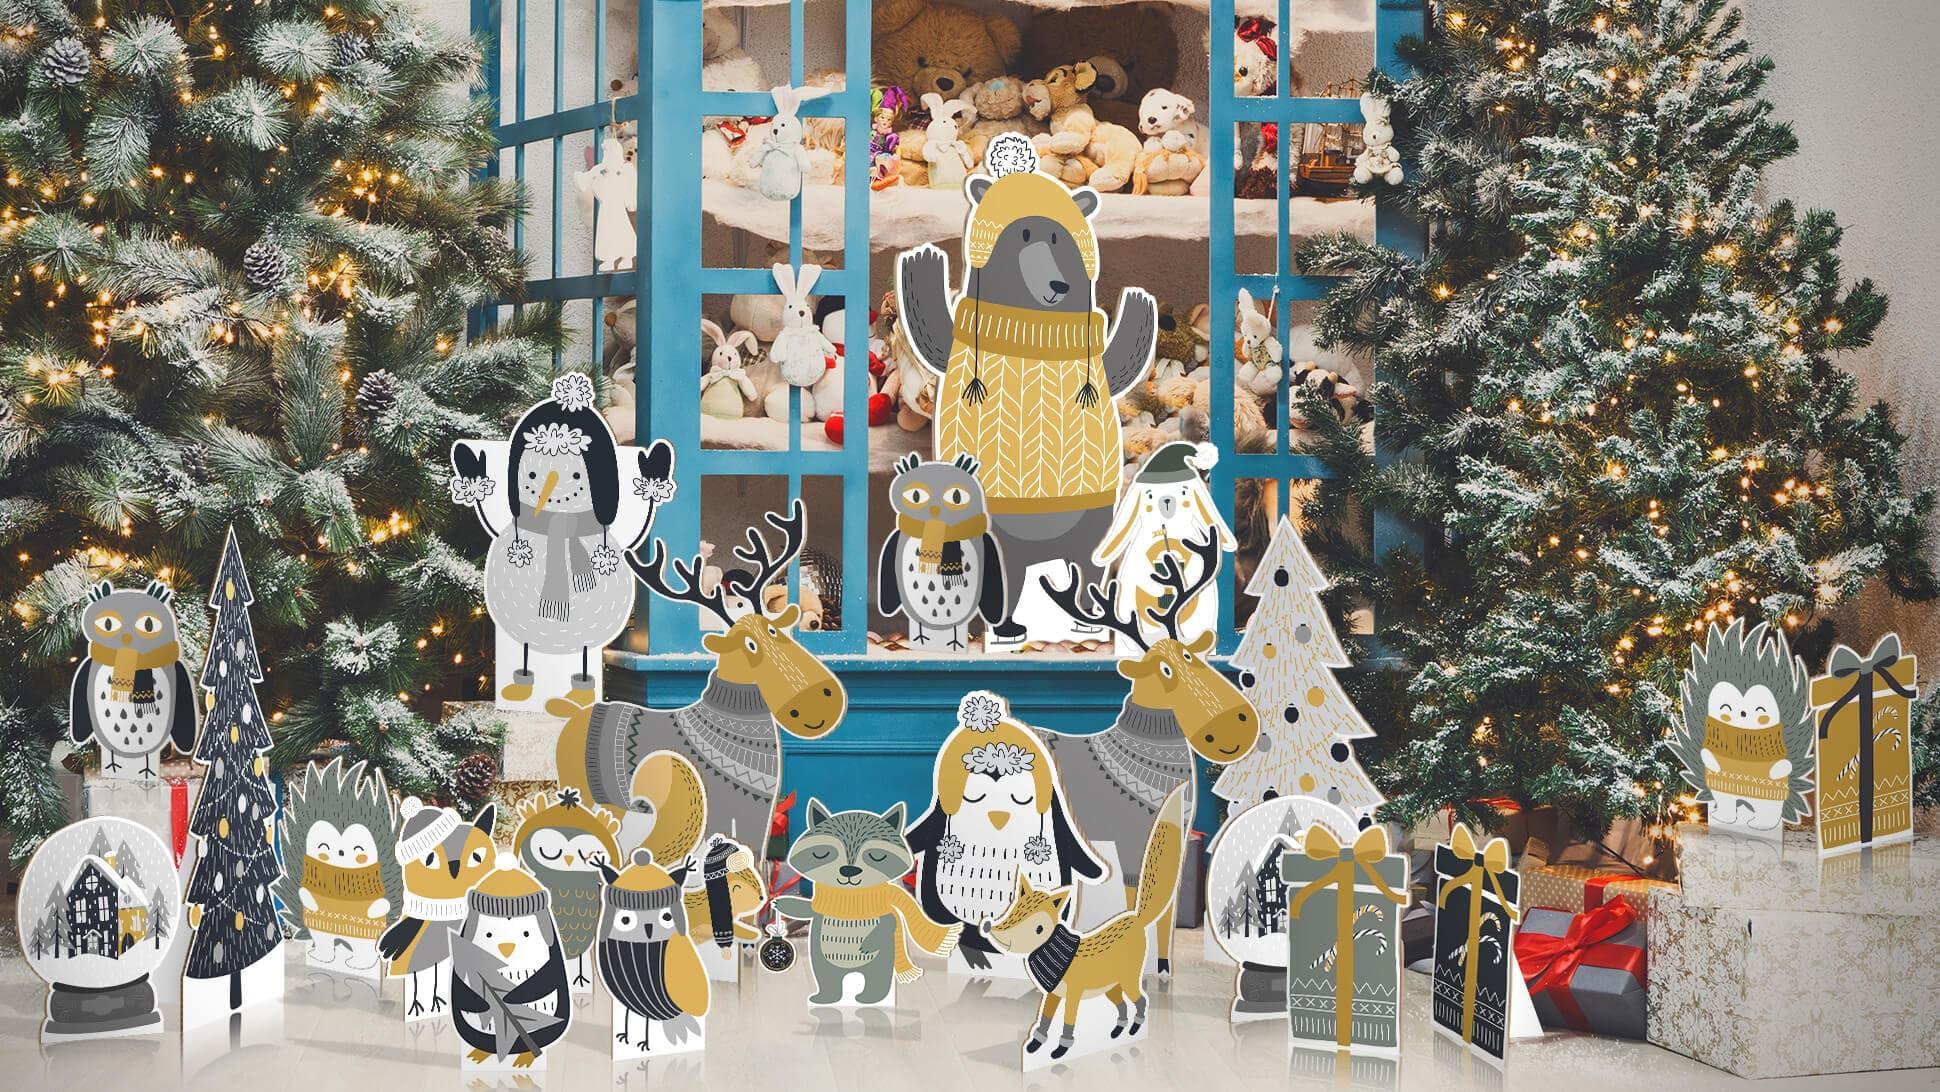 sagomati natalizi con animaletti illustrati per allestimenti vetrine e negozi | tictac.it